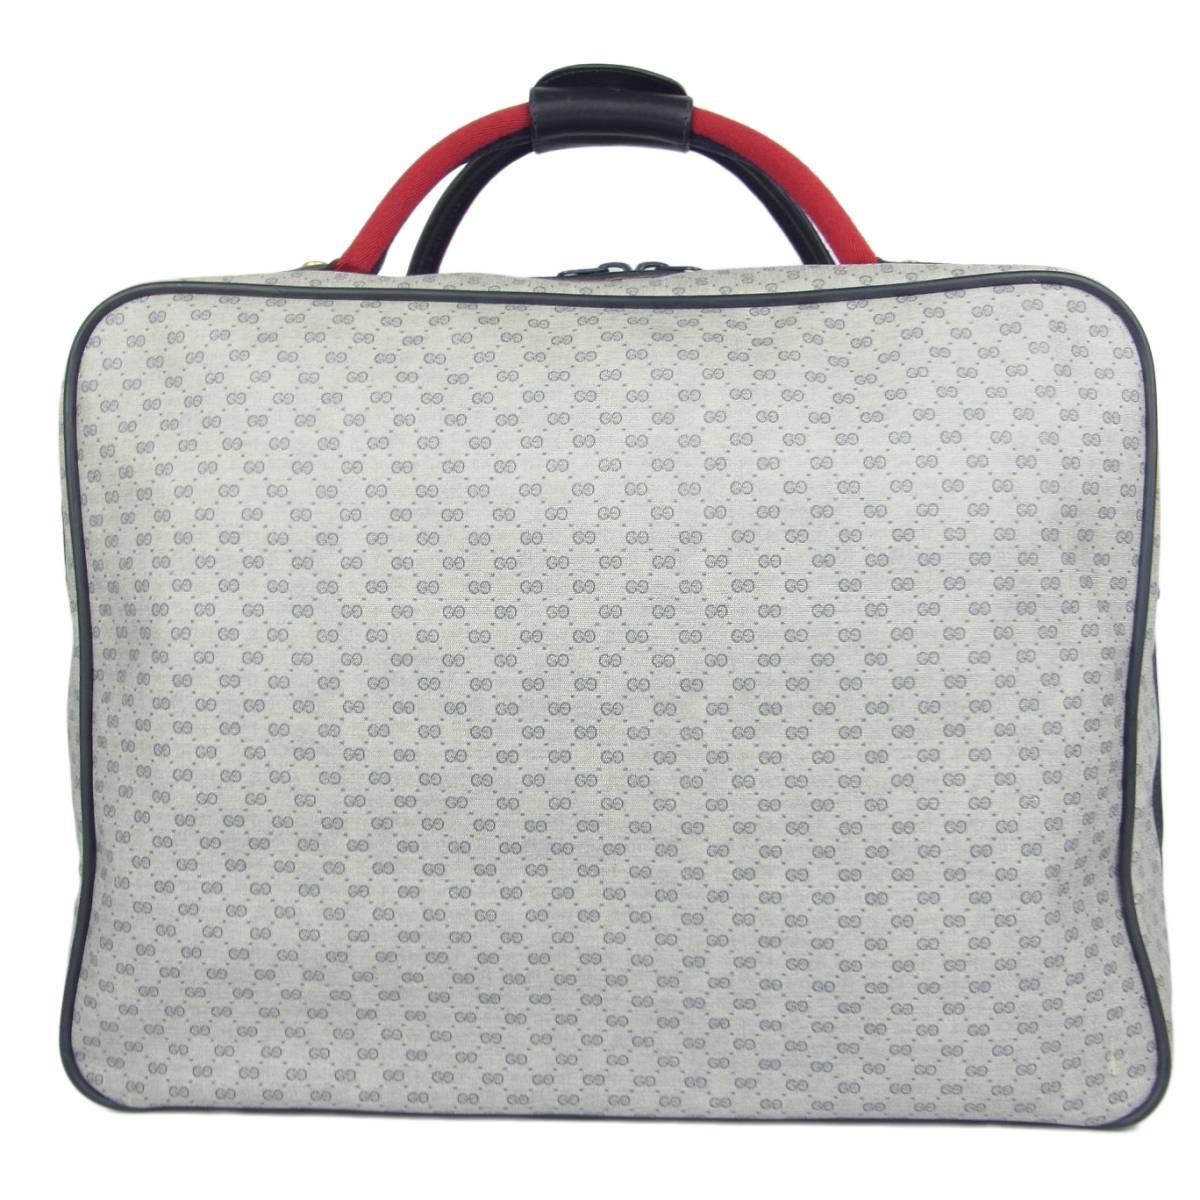 1円 オールド グッチ GUCCI ヴィンテージ 美品 マイクロGG シェリー PVC スーツケース トランク ハンドバッグ 旅行かばん_画像2